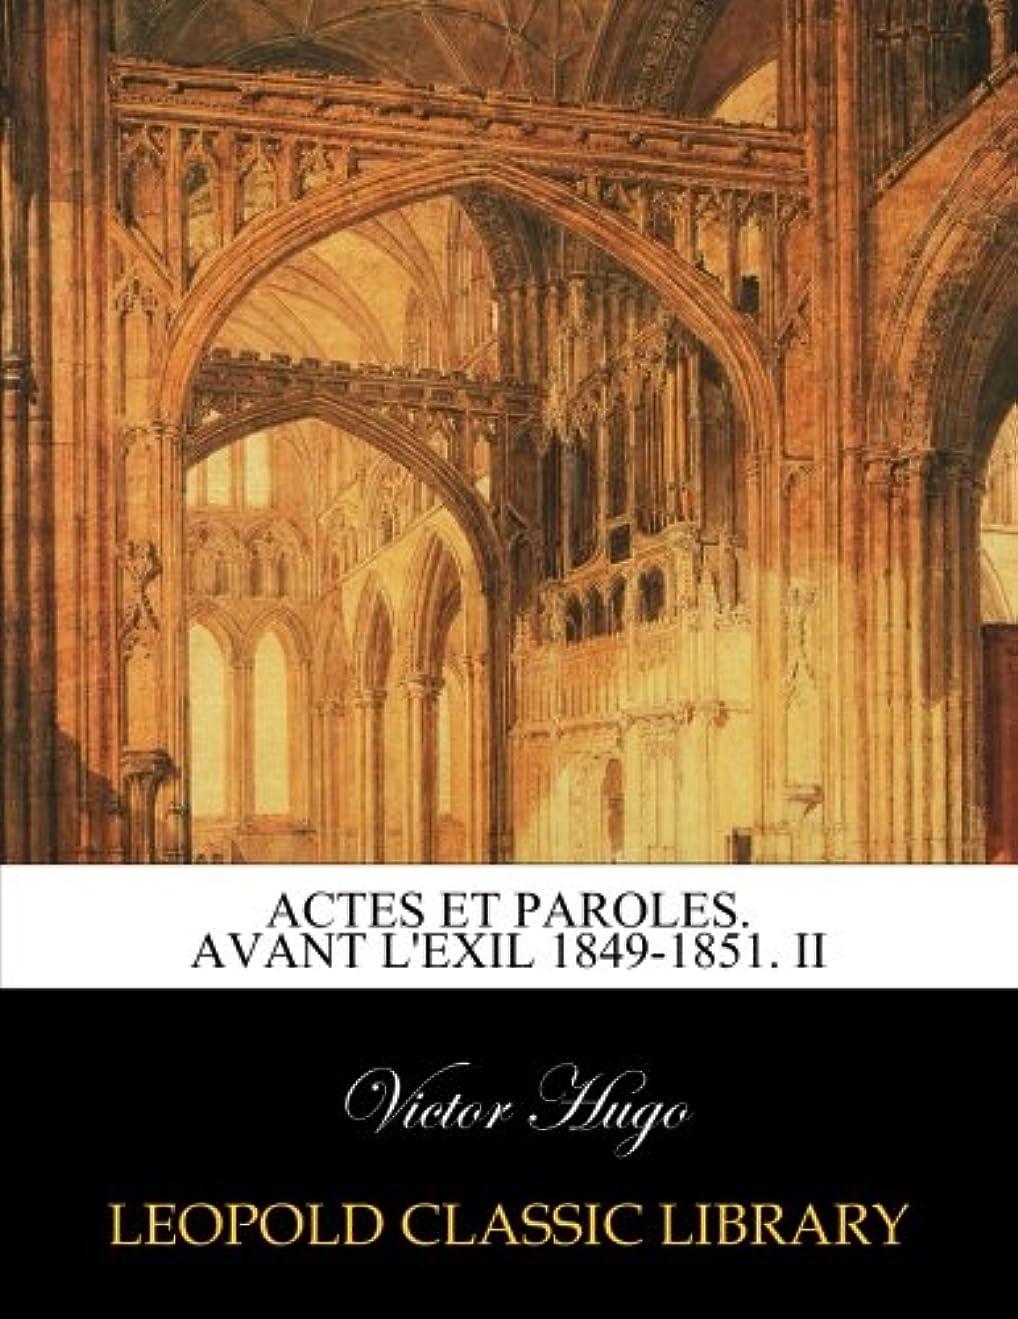 カウンターパート誇張する熱心なActes et paroles. Avant L'Exil 1849-1851. II